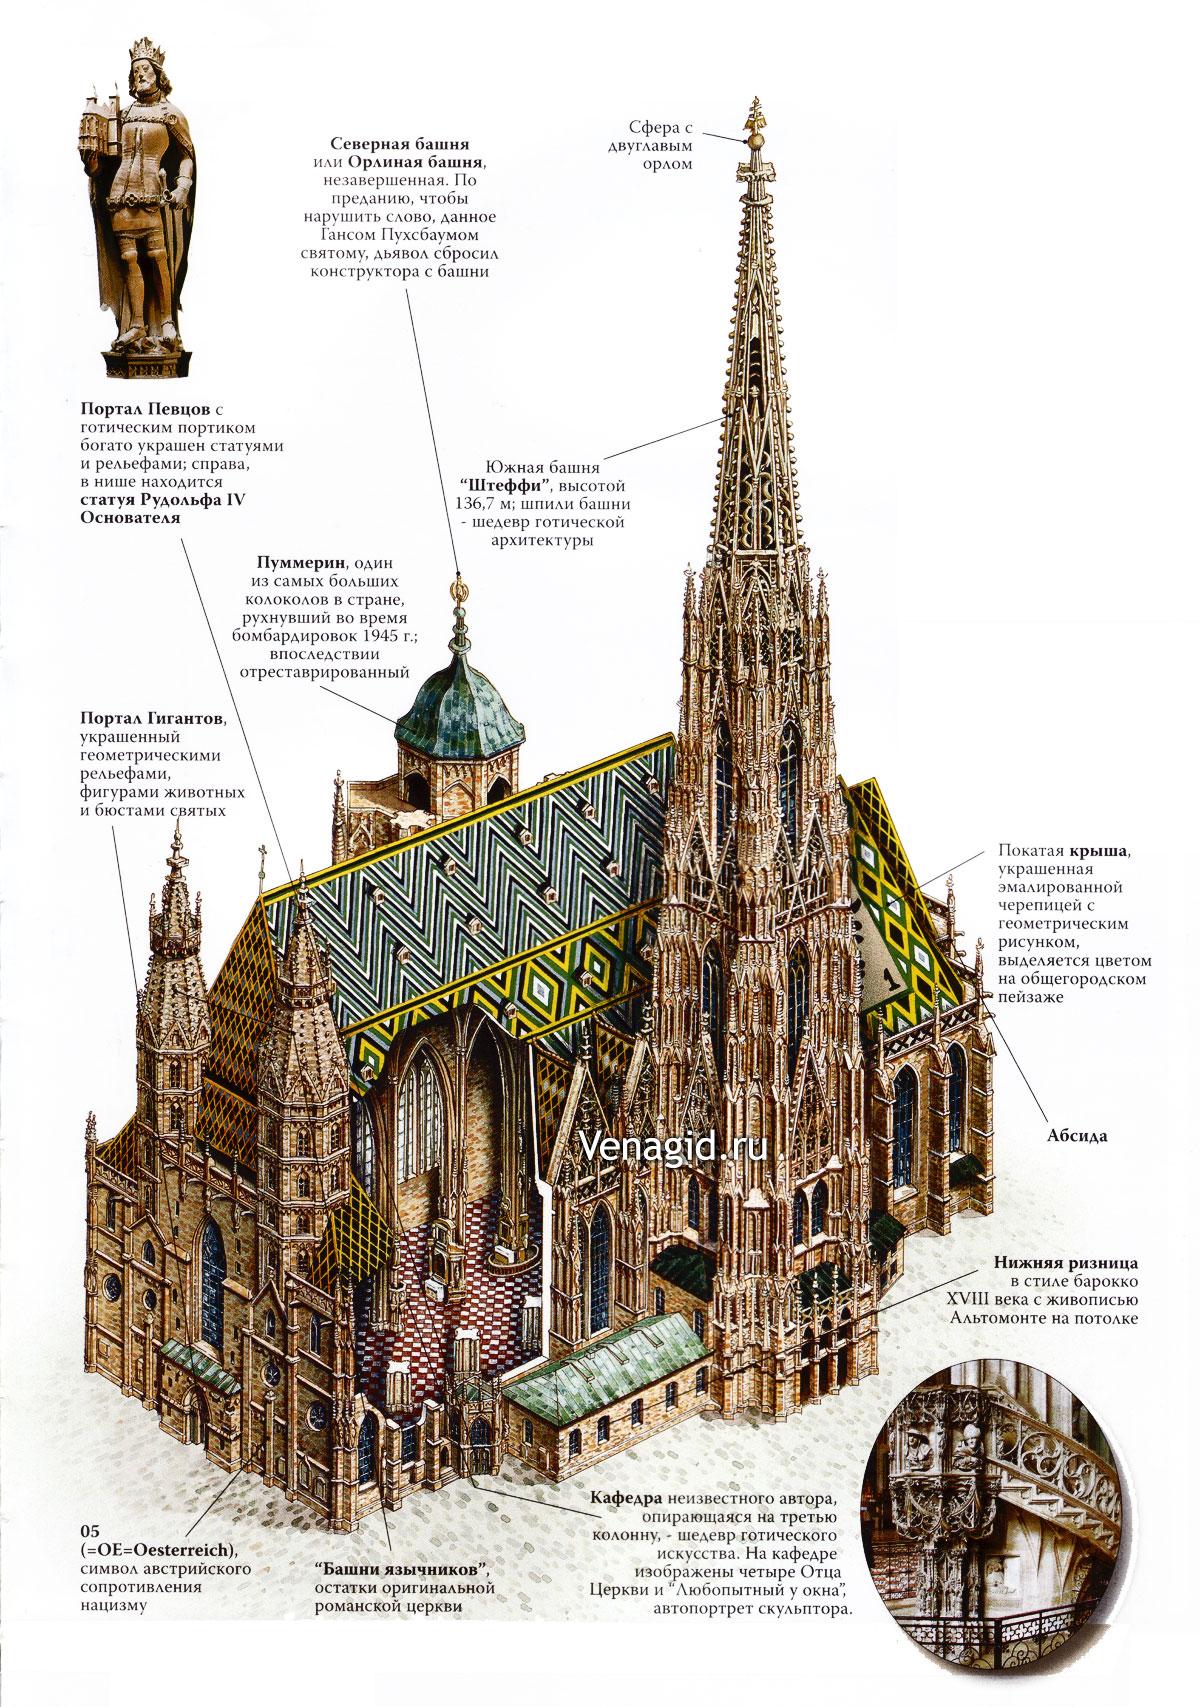 Національний символ Австрії, Собор Святого Стефана у Відні (14)